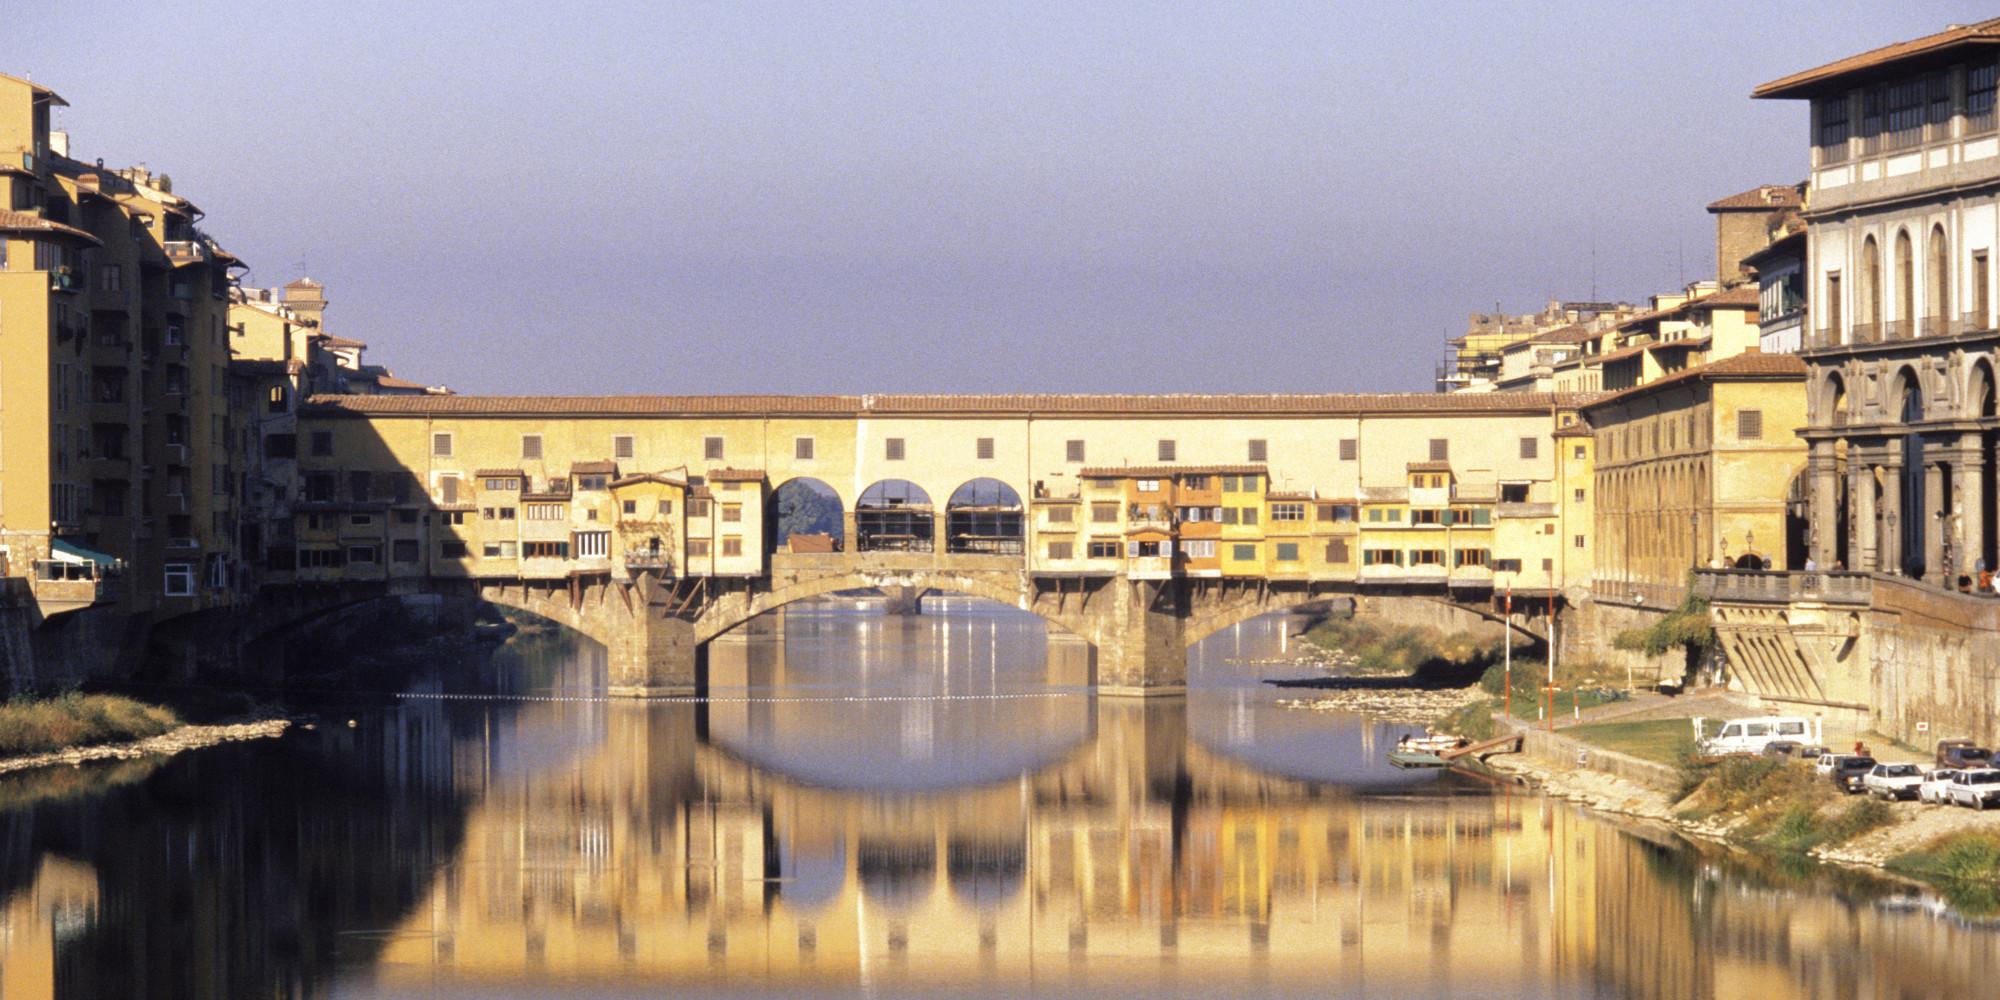 Permesso di soggiorno huffpost for Permesso di soggiorno italia